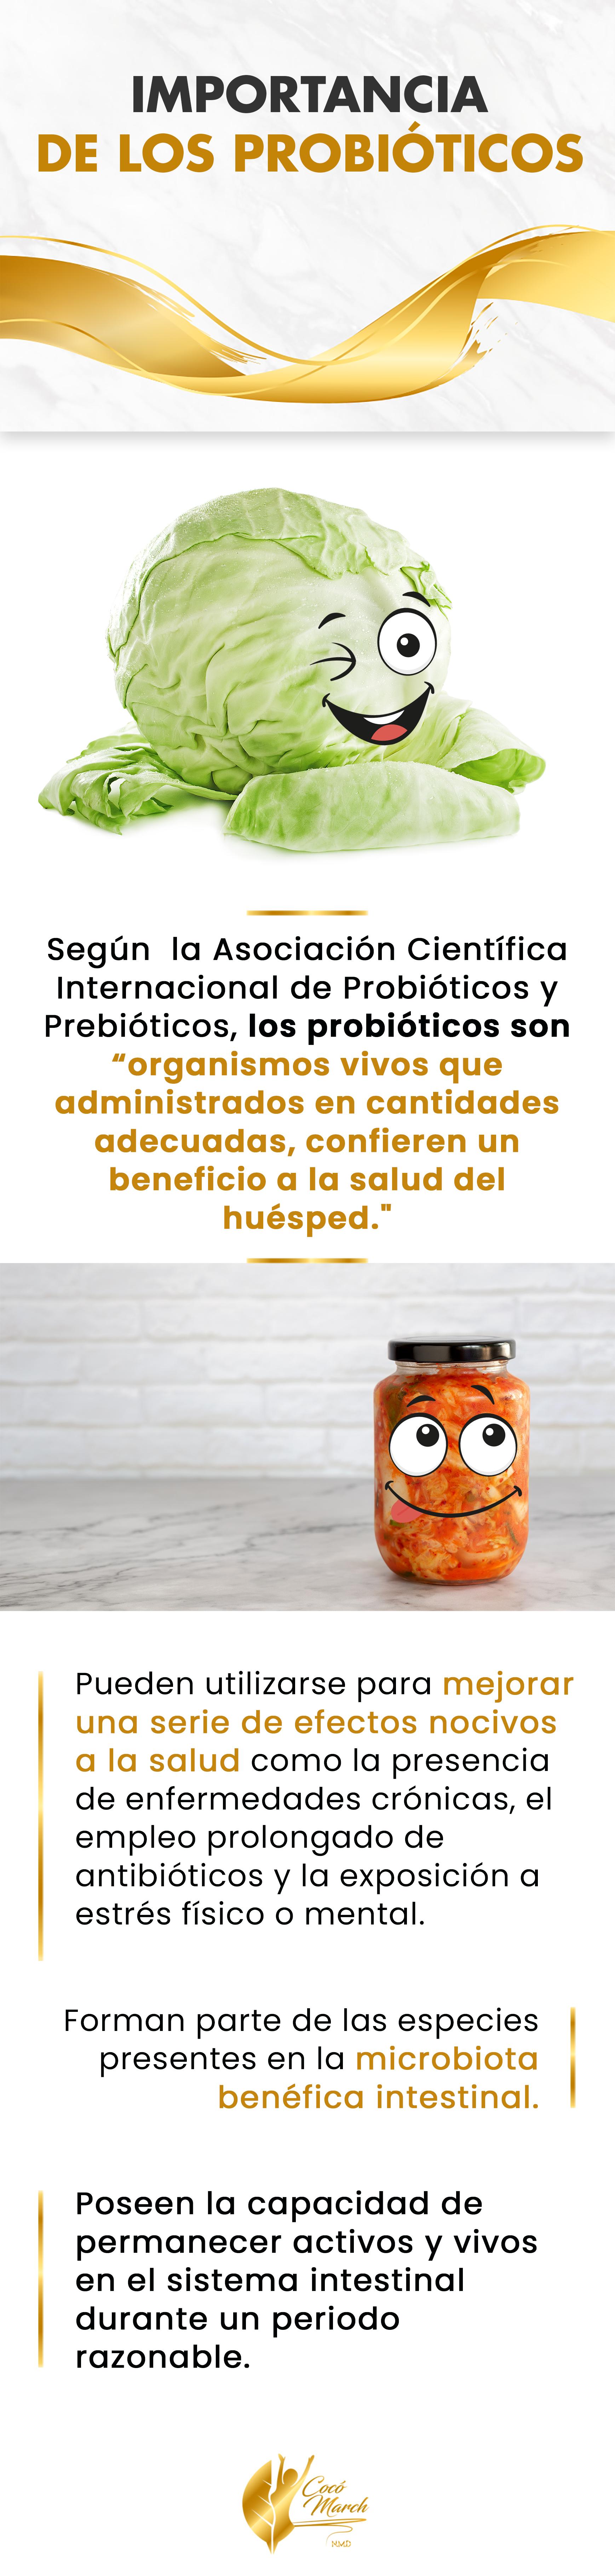 importancia-de-los-probioticos